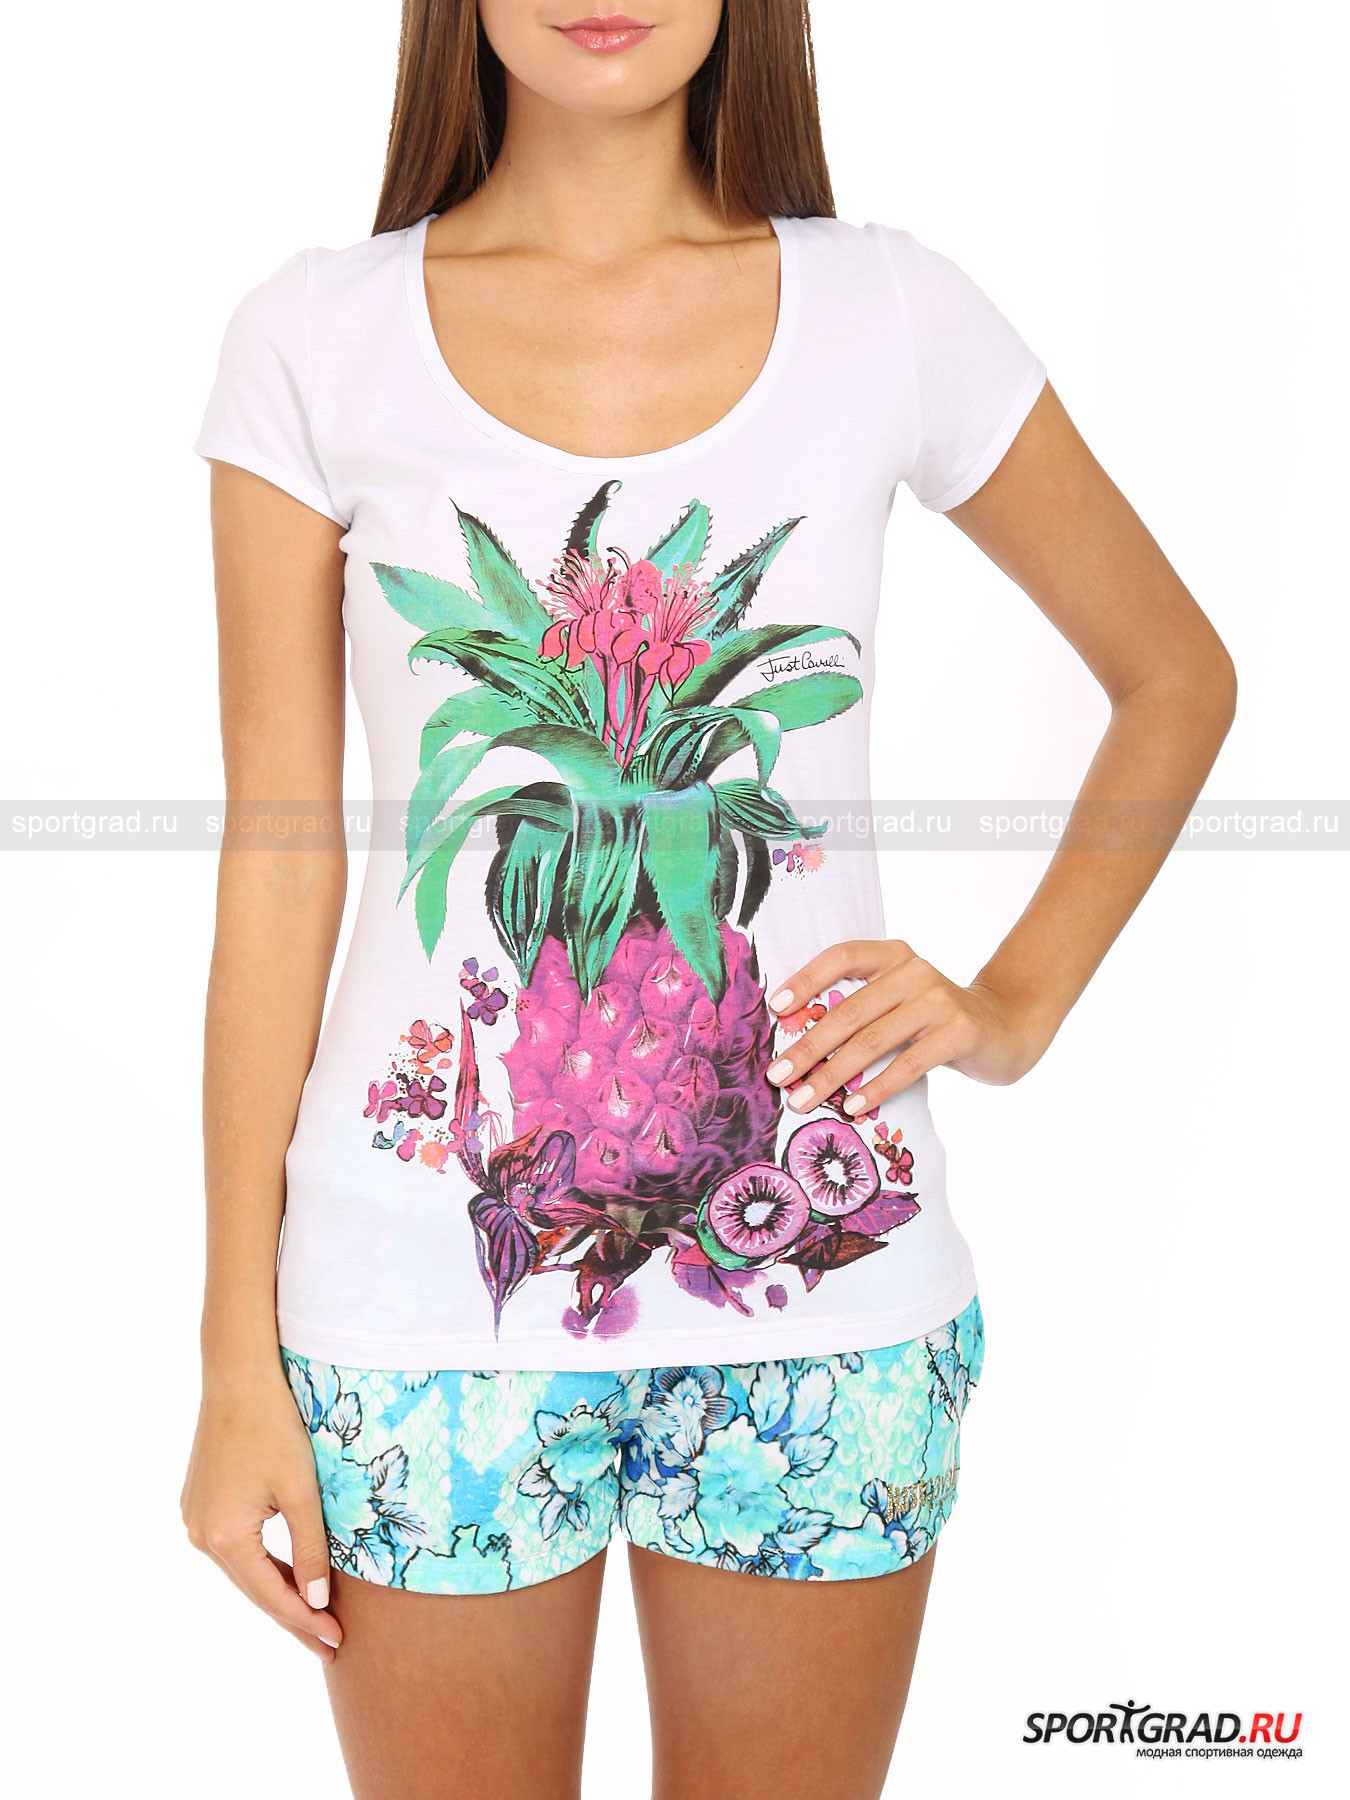 Футболка женская JUST CAVALLIФутболки<br>Собираясь в отпуск, не забудьте положить в чемодан простую белую футболку с забавным принтом. Это универсальная вещь, которая сочетается с чем угодно и подойдет как для похода на пляж или на обед так и для вечернего променада по набережной или дискотеки в клубе. Конечно, футболку следует выбирать только обладающую превосходным качеством – таким, как у вещей бренда Just Cavalli. <br>Особенности модели;<br>- приталенный фасон;<br>- короткие рукава;<br>- глубокий круглый вырез горловины;<br>- принт с изображением фруктов;<br>- надпись Just Cavalli Beachwear на спине у ворота.<br><br>Пол: Женский<br>Возраст: Взрослый<br>Тип: Футболки<br>Рекомендации по уходу: стирка в холодной воде при 30 С; не отбеливать; гладить при низкой температуре (до 110 C); химчистка запрещена; нельзя выжимать и сушить в стиральной машине<br>Состав: 100% хлопок